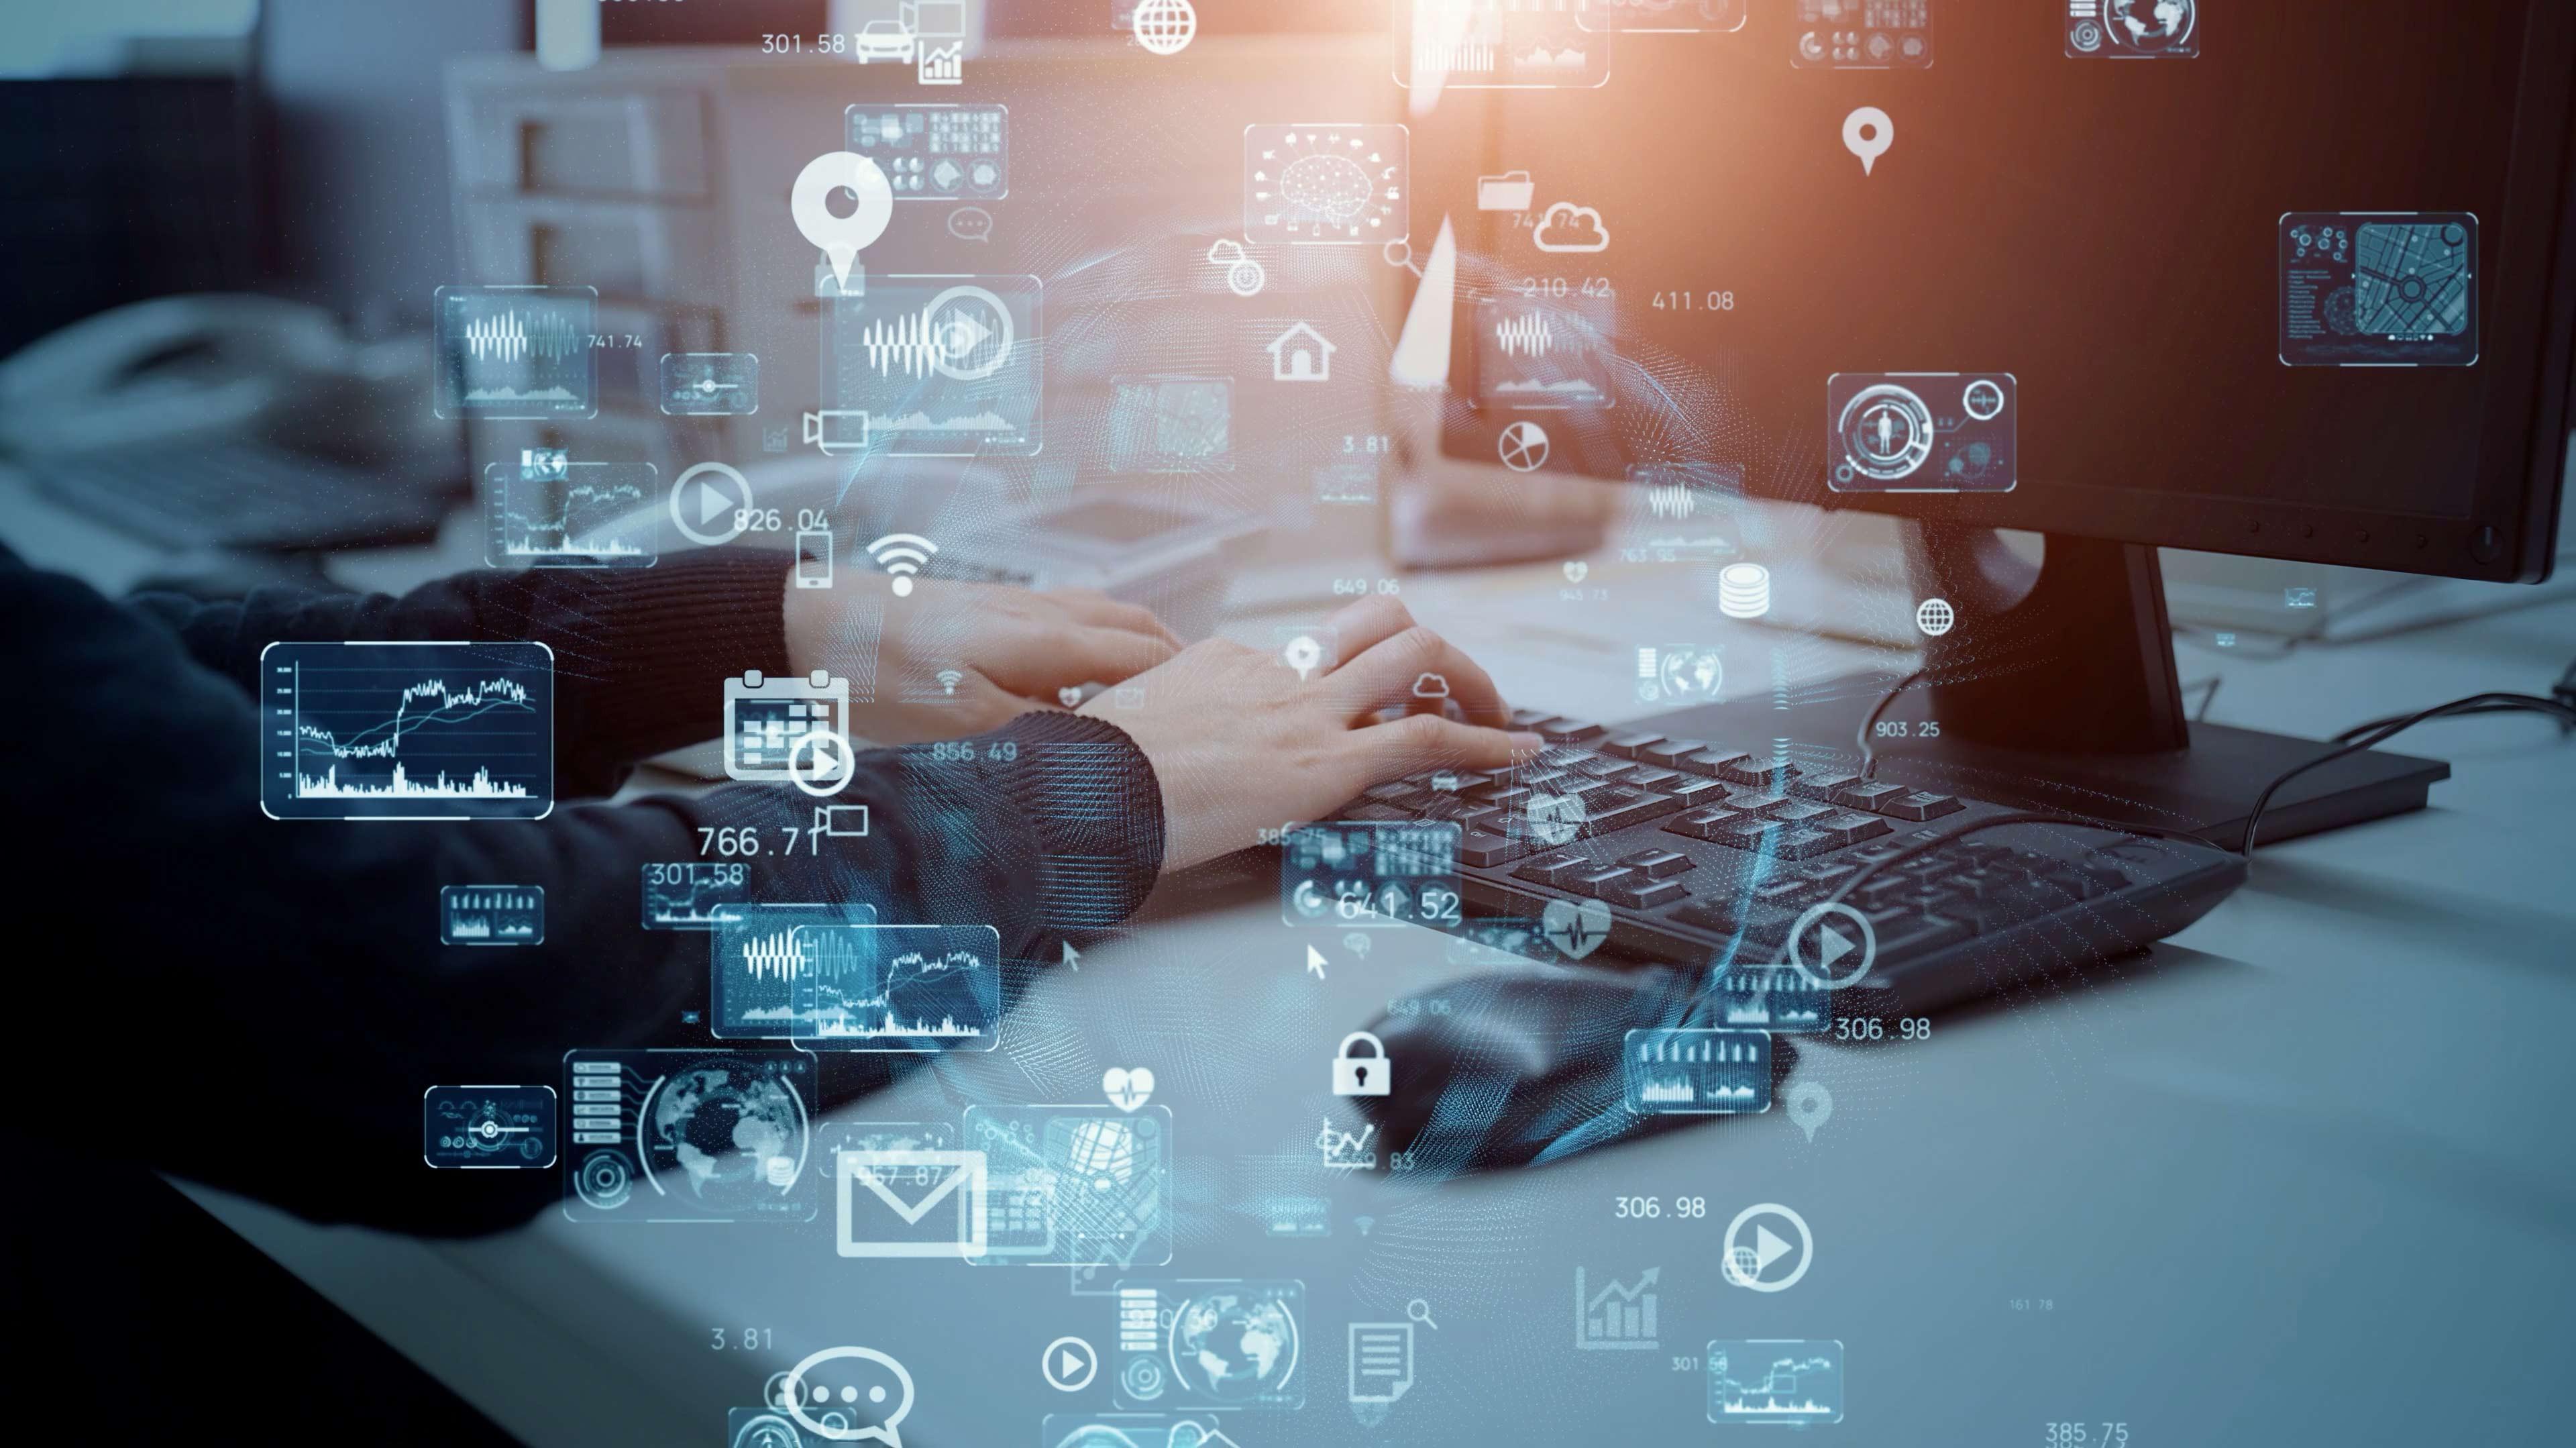 <p>¿Cómo los Centros de Excelencia ayudan a acelerar la transformación digital de una empresa?</p>